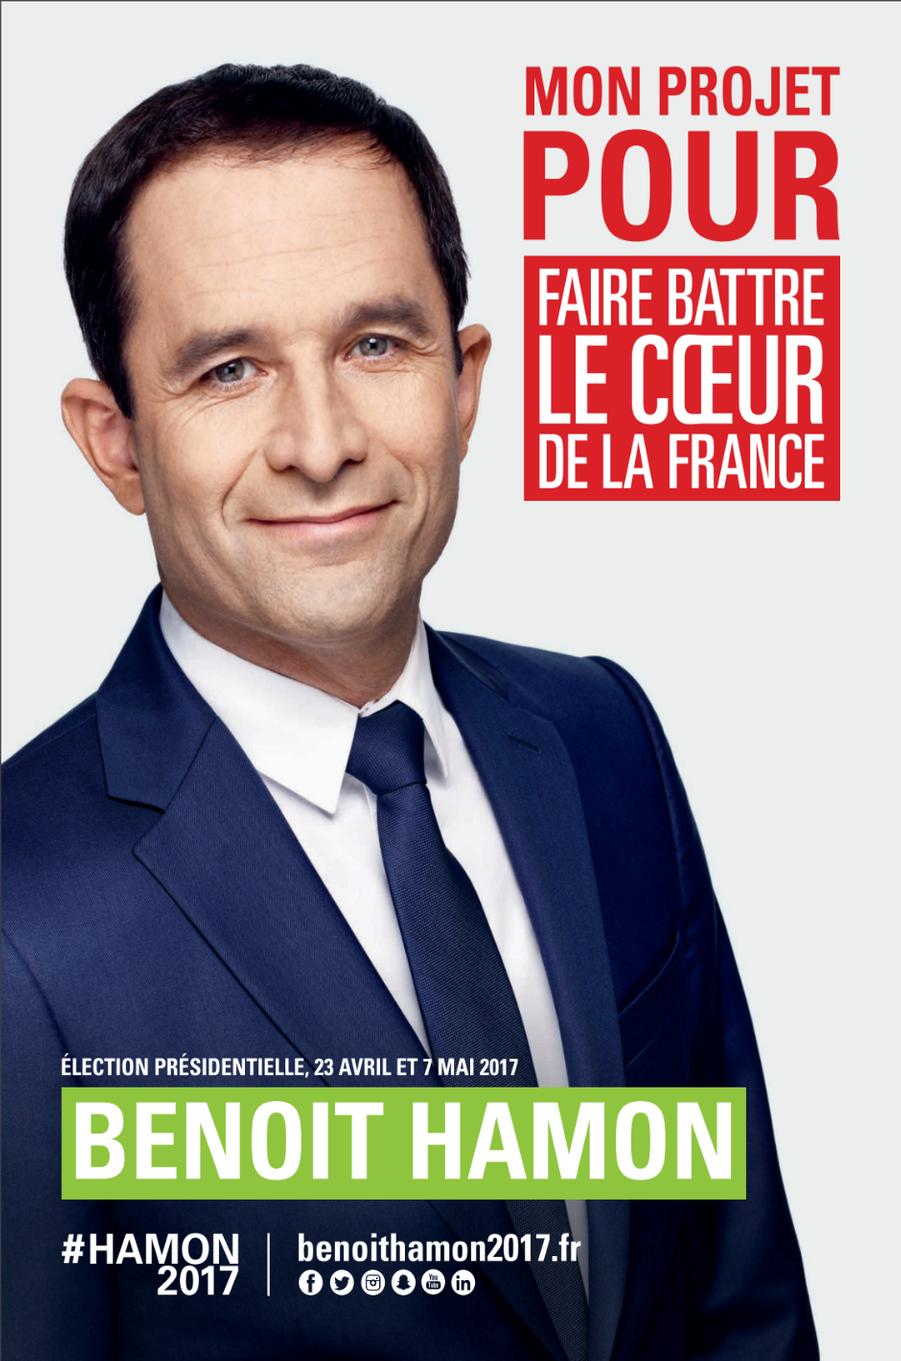 Costume et cravate bleu marine, sourire rassurant pour Benoît Hamon. Et pour mettre en valeur son slogan, «Faire battre le coeur de la France», le candidat du Parti socialiste n'hésite pas à emprunter le rouge vif aux communistes.